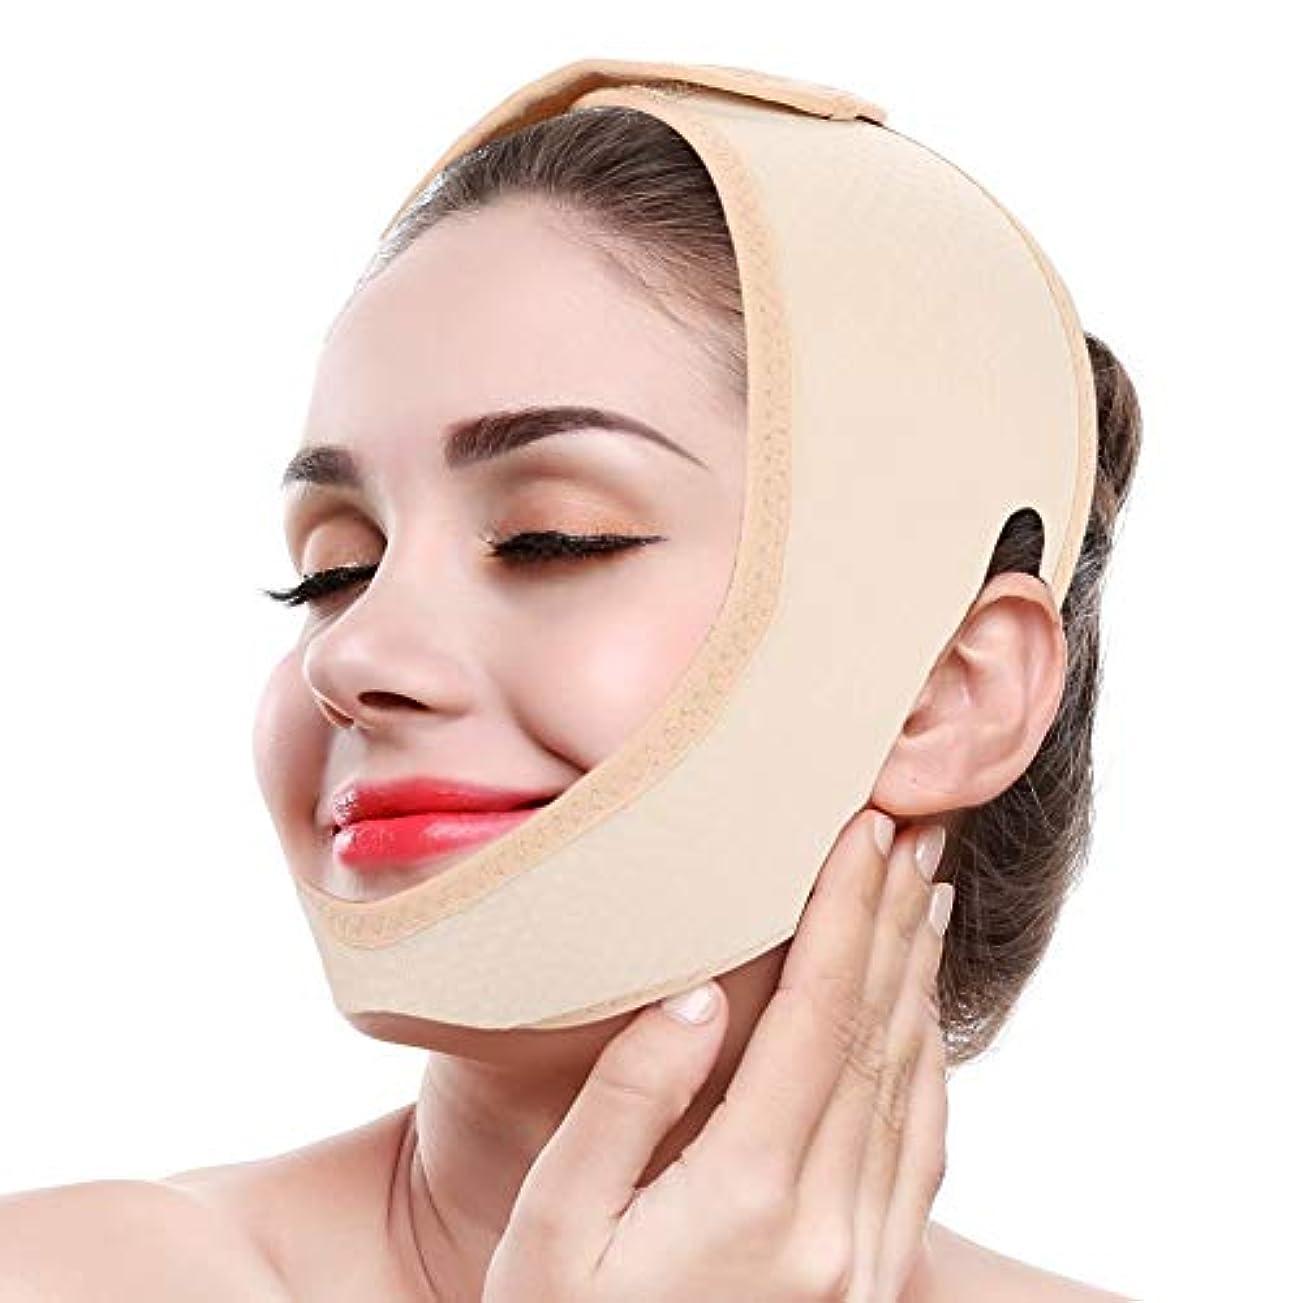 お気に入り日常的にラフ睡眠Vラインマスク、フェイスリフトバンドフェイシャルスリミングダブルチンストラップ減量ベルトスキンケアチンリフティングファーミングラップ